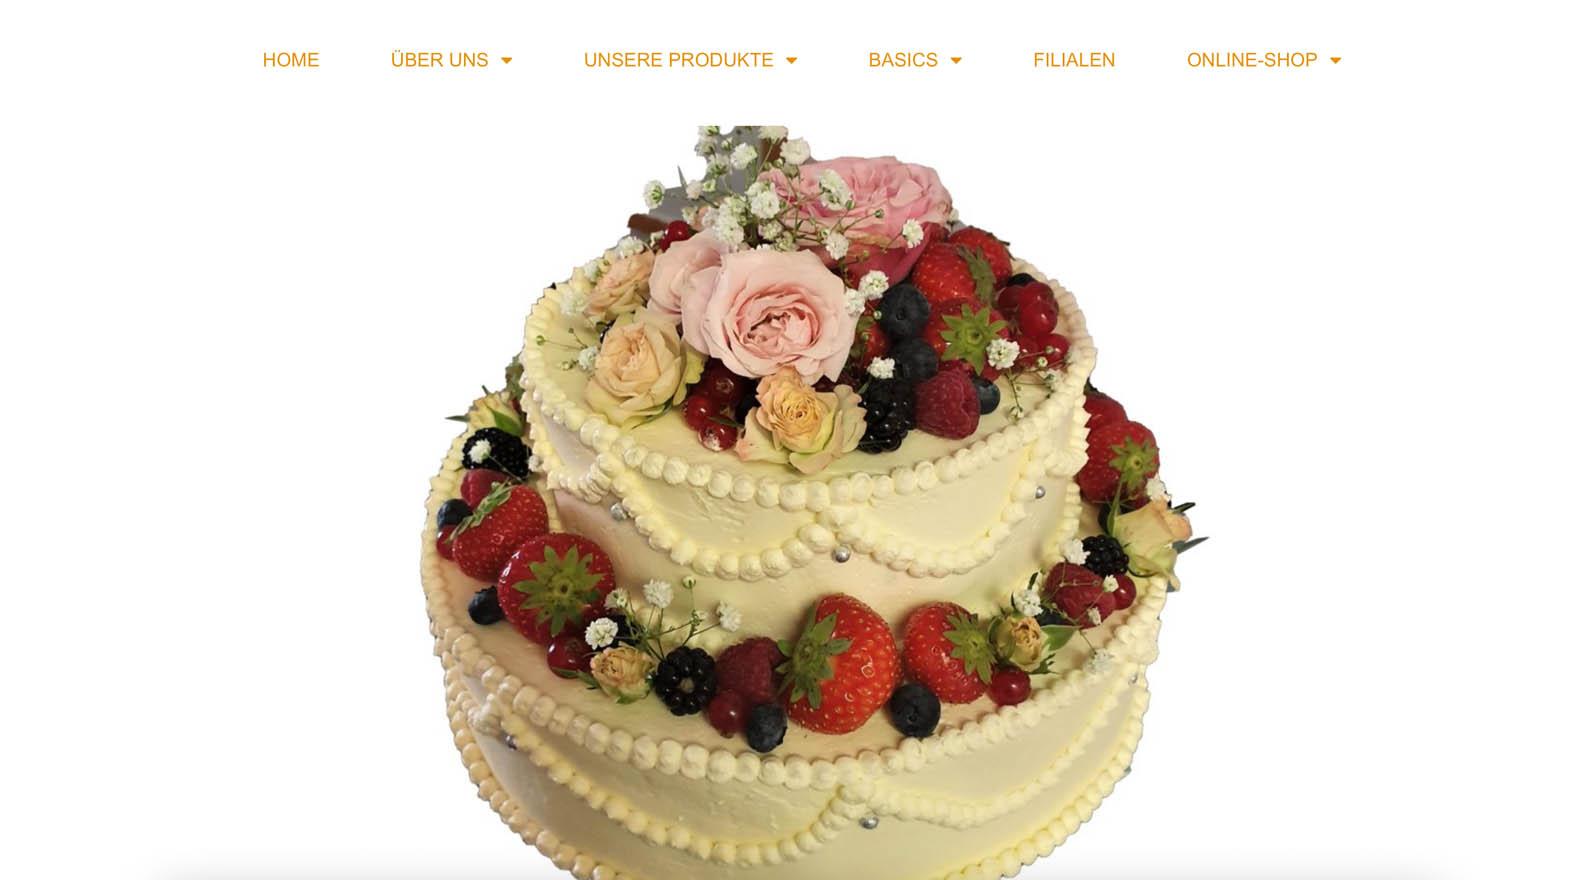 webprojekt-chemnitz-shop-bäckerei